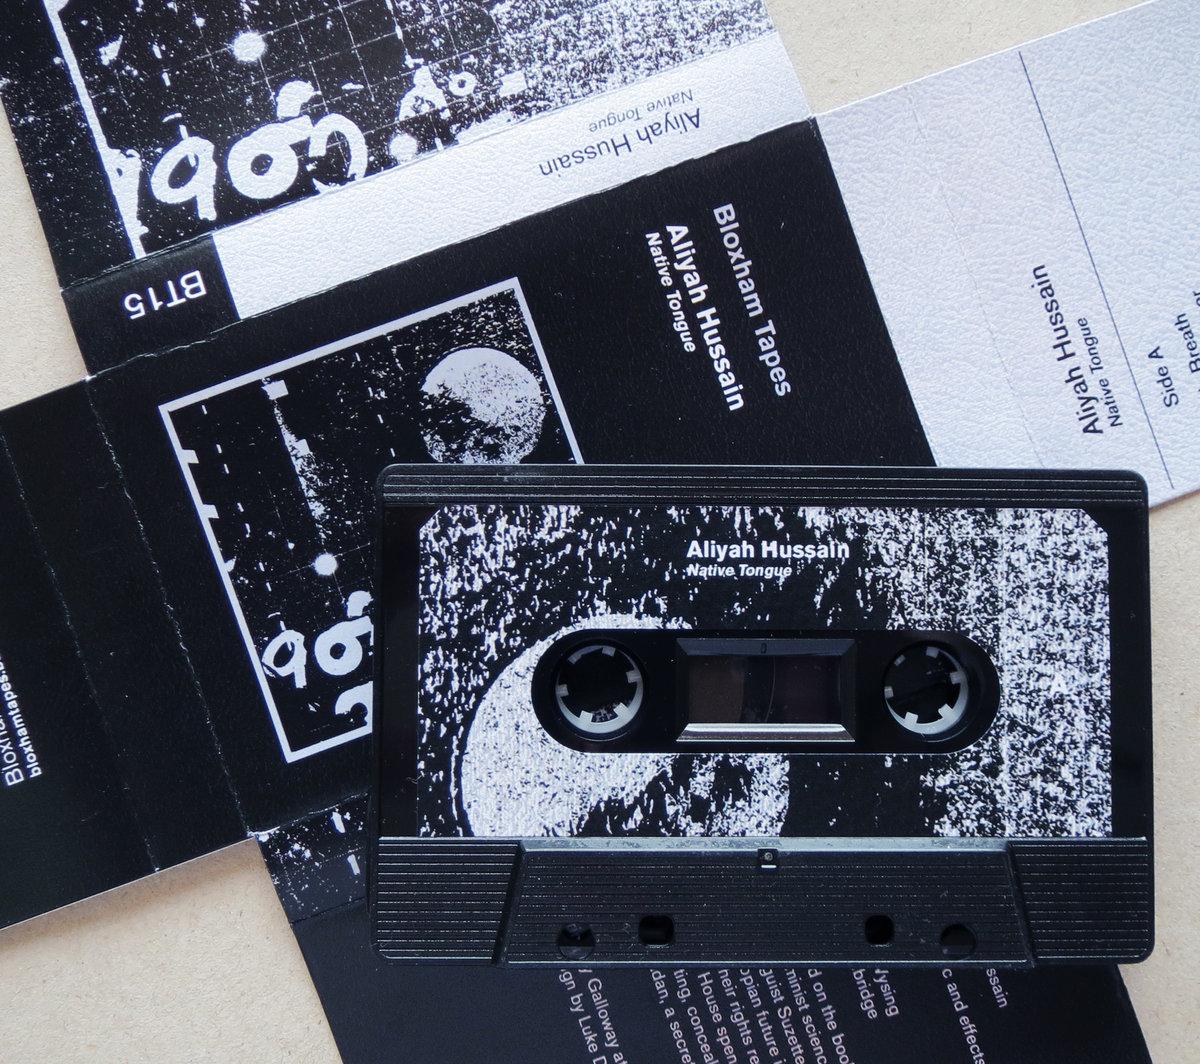 Native Tongue | Bloxham Tapes